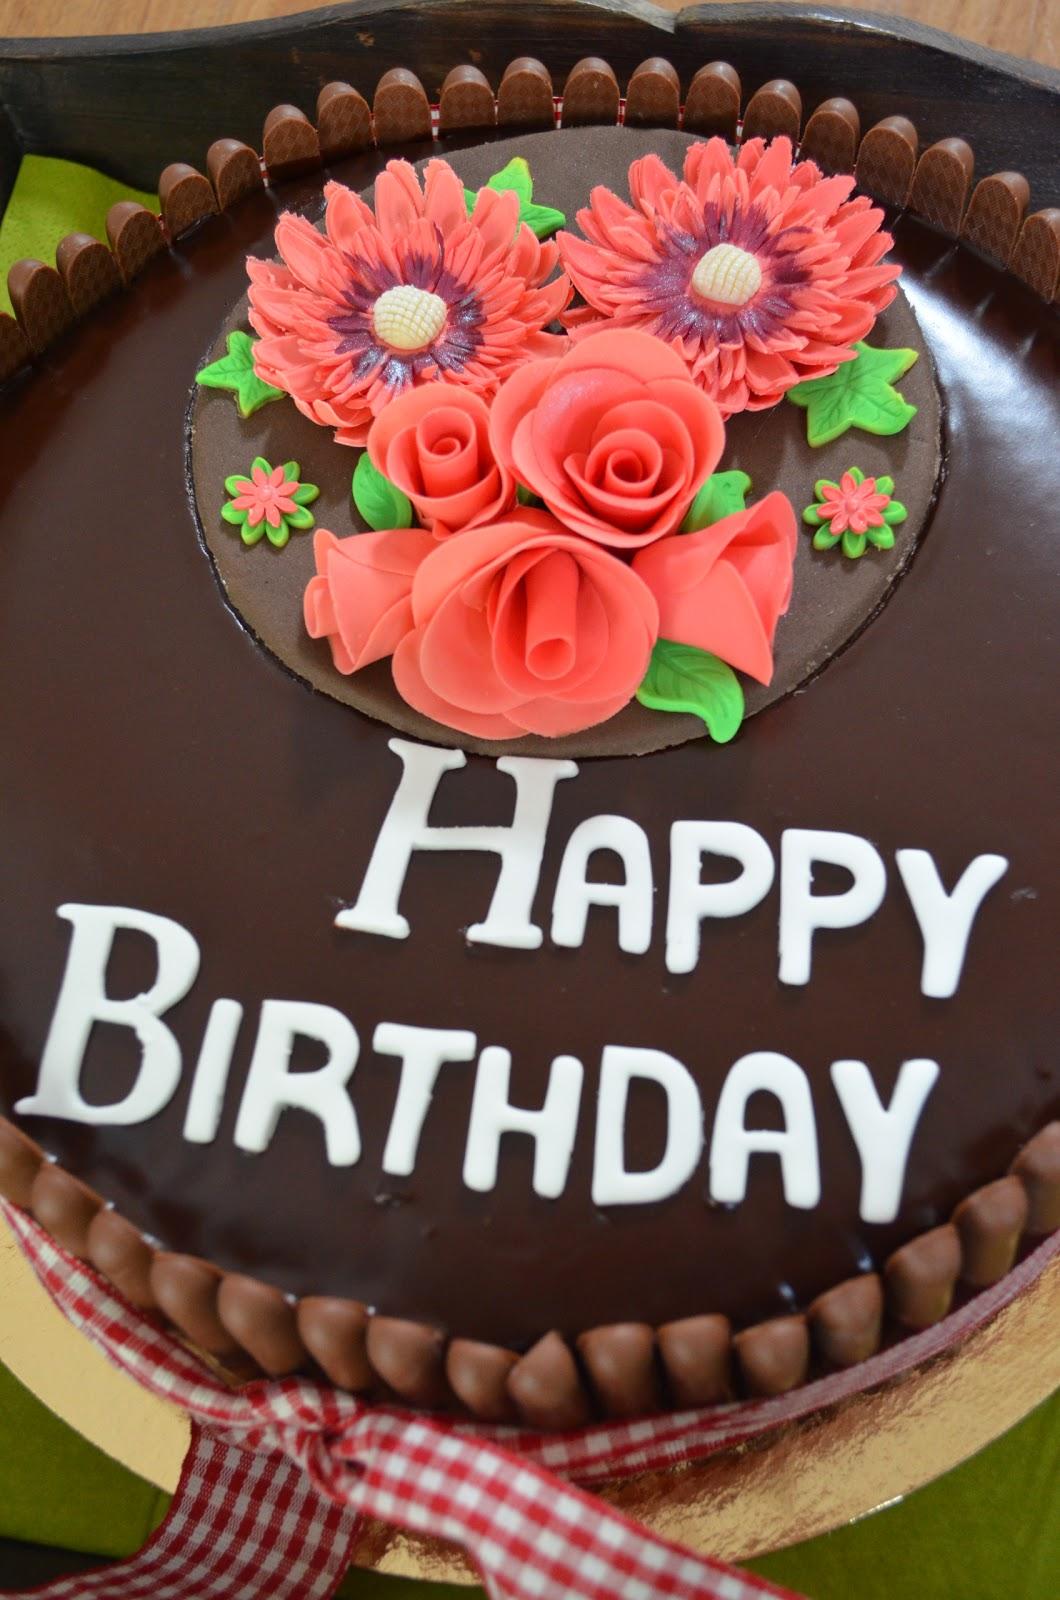 Bekend Lekkers van de Bakmadam!: Verjaardagstaart met bijpassende cupcakes ZK-61